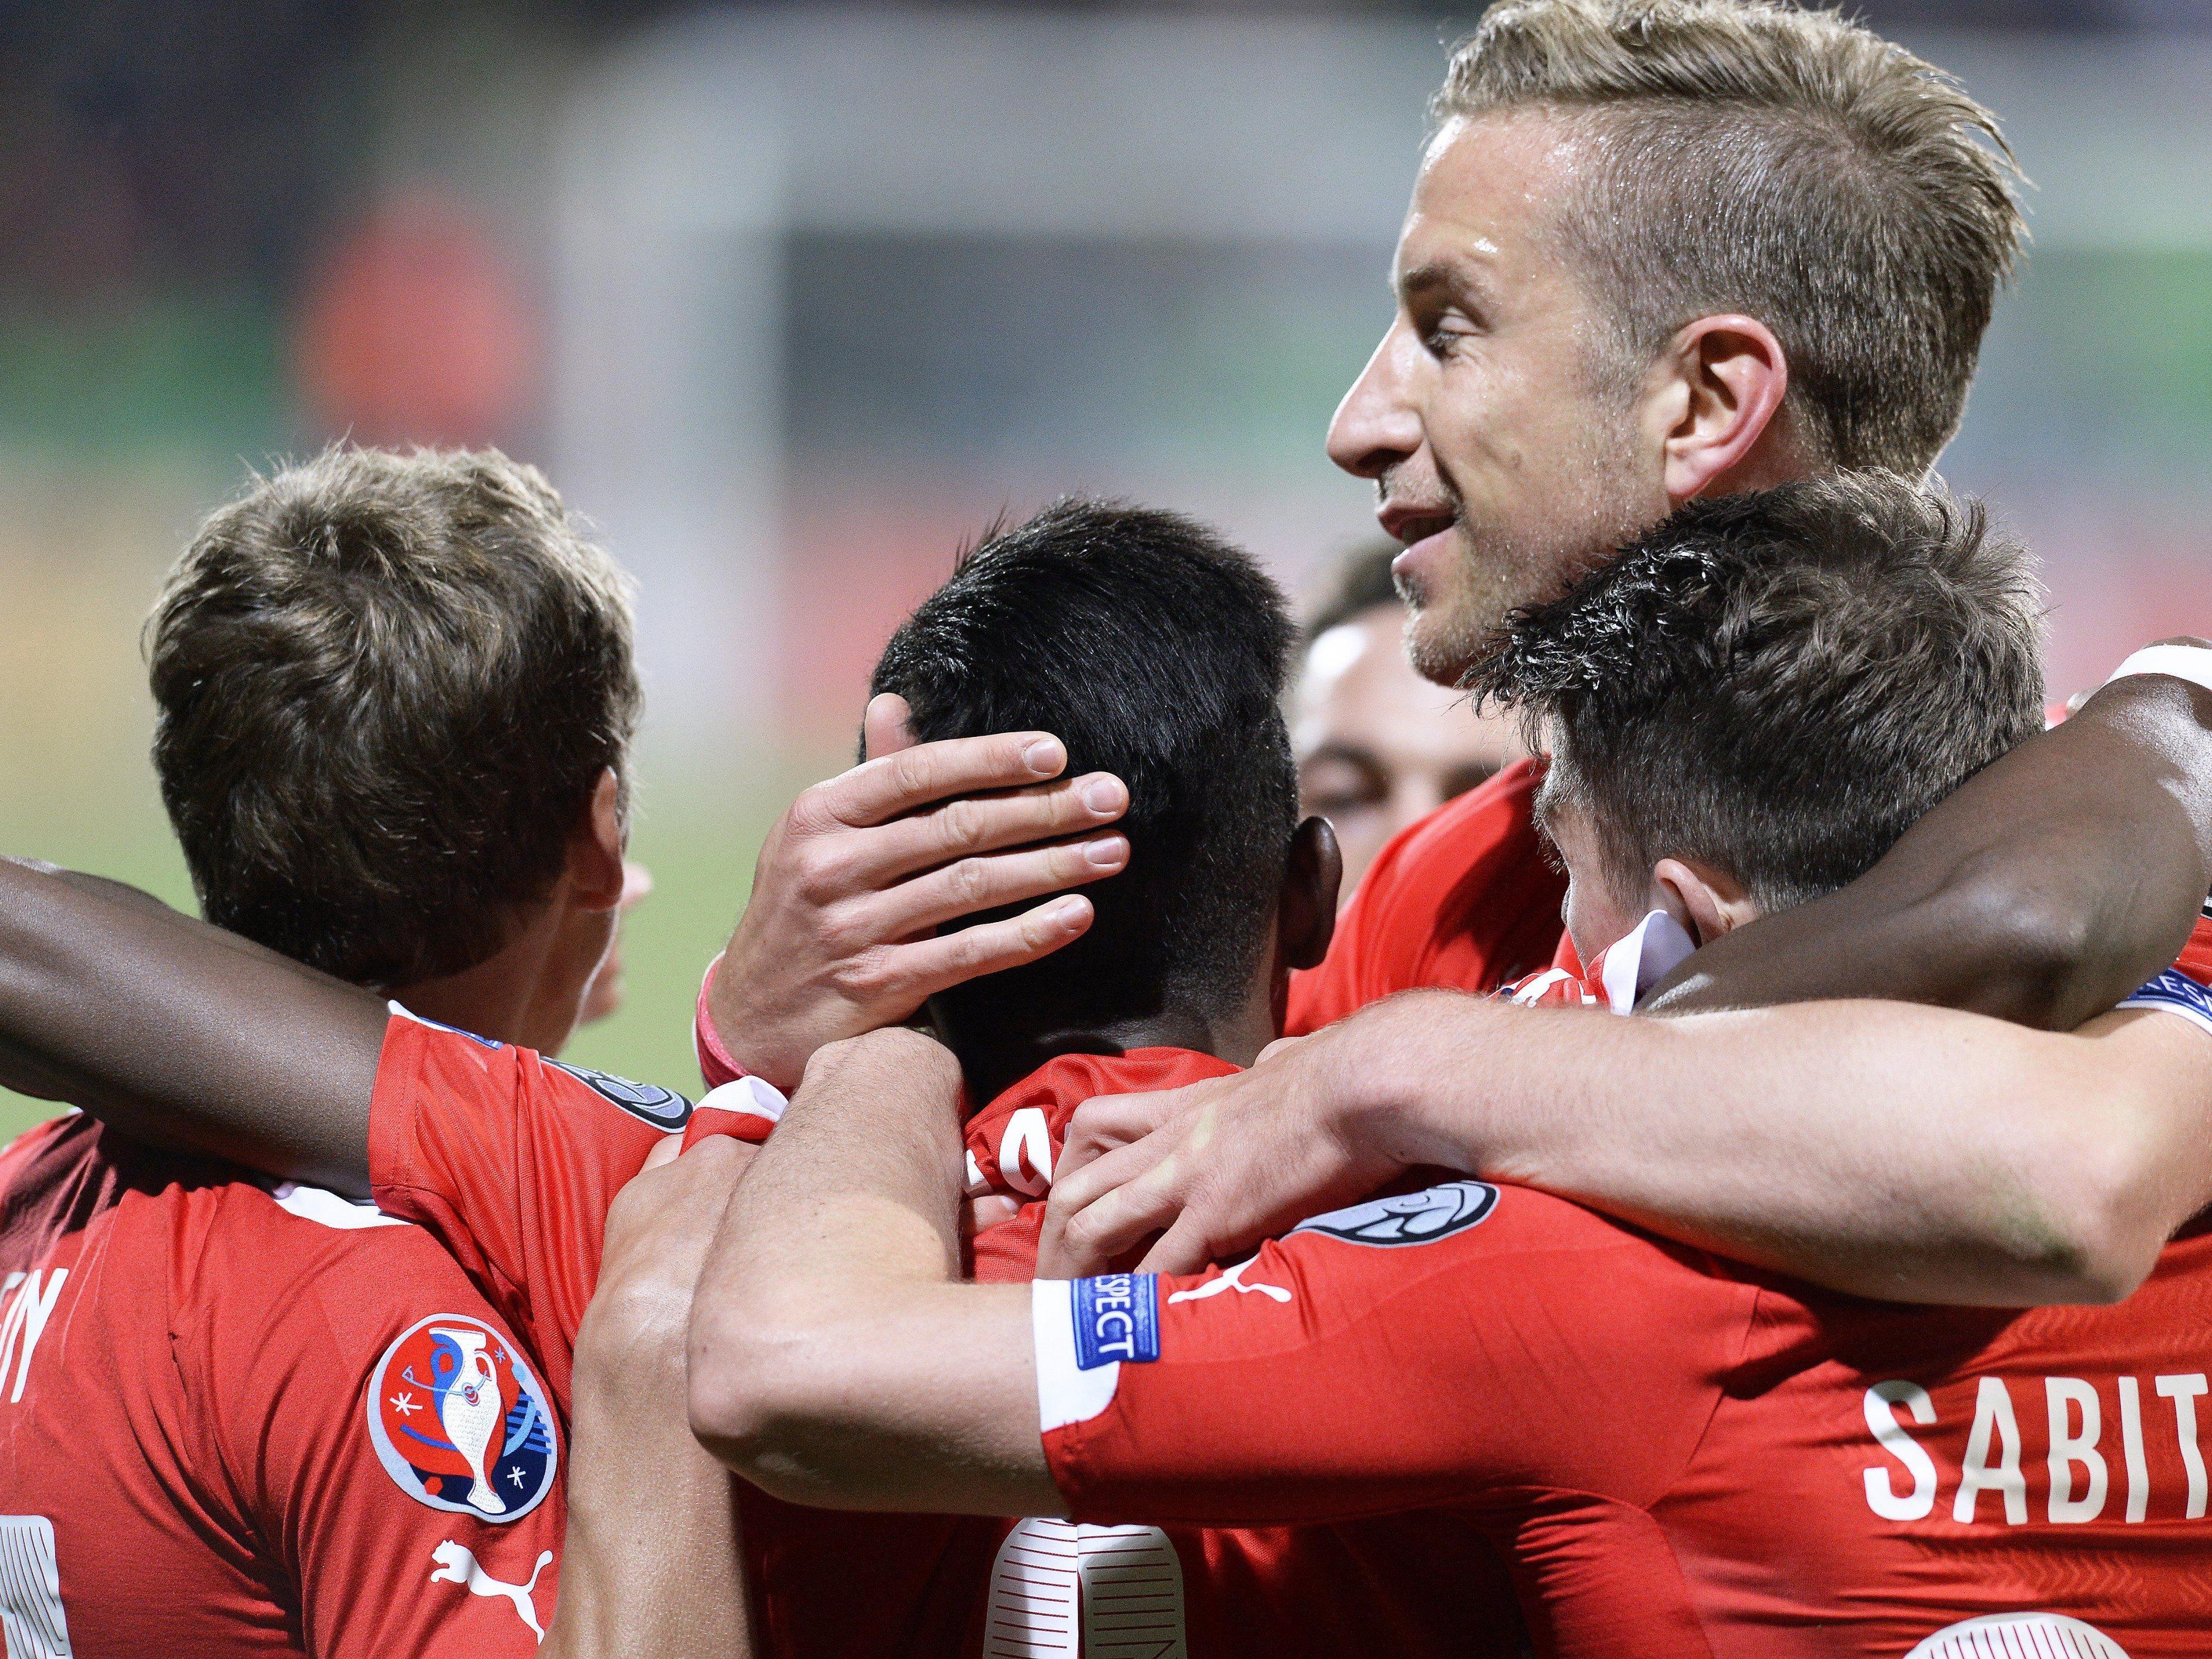 Österreich in Euphorie: Mit einem Sieg über Moldawien wäre eine Teilnahme an der EM 2016 fast sicher.